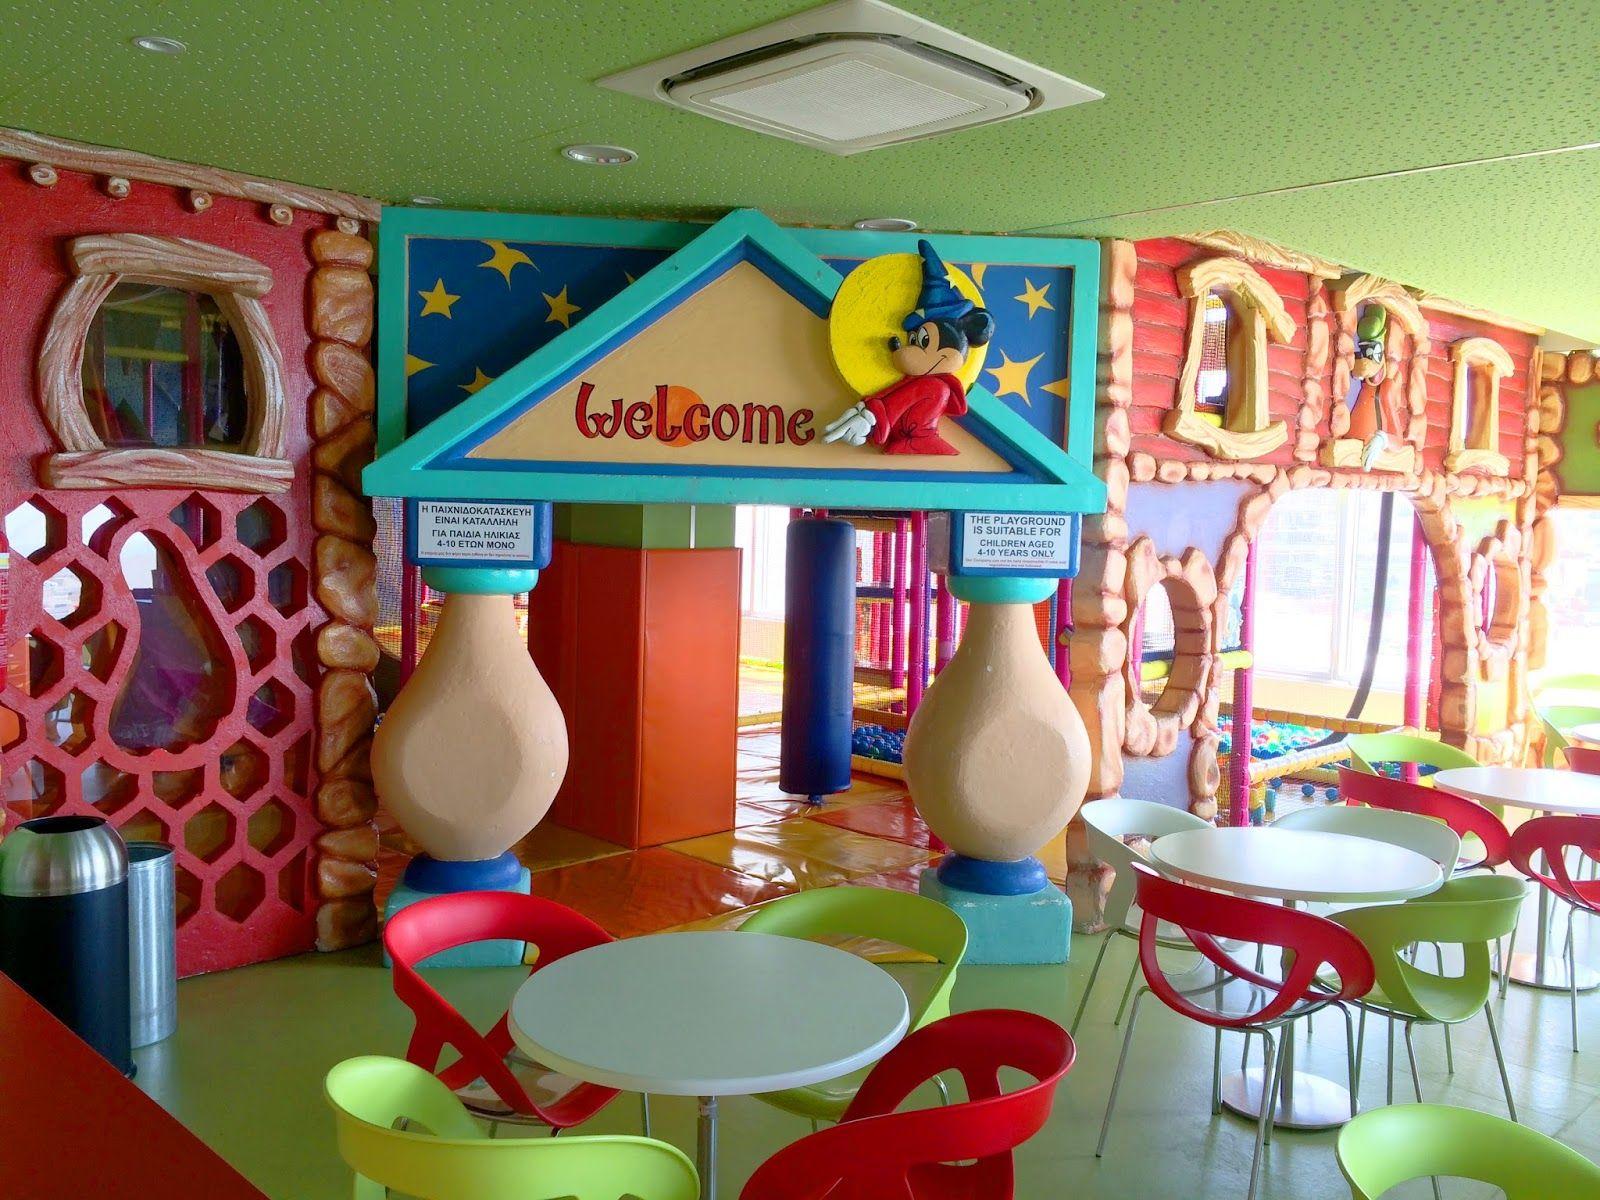 indoor playground for children, luna park limassol for kids